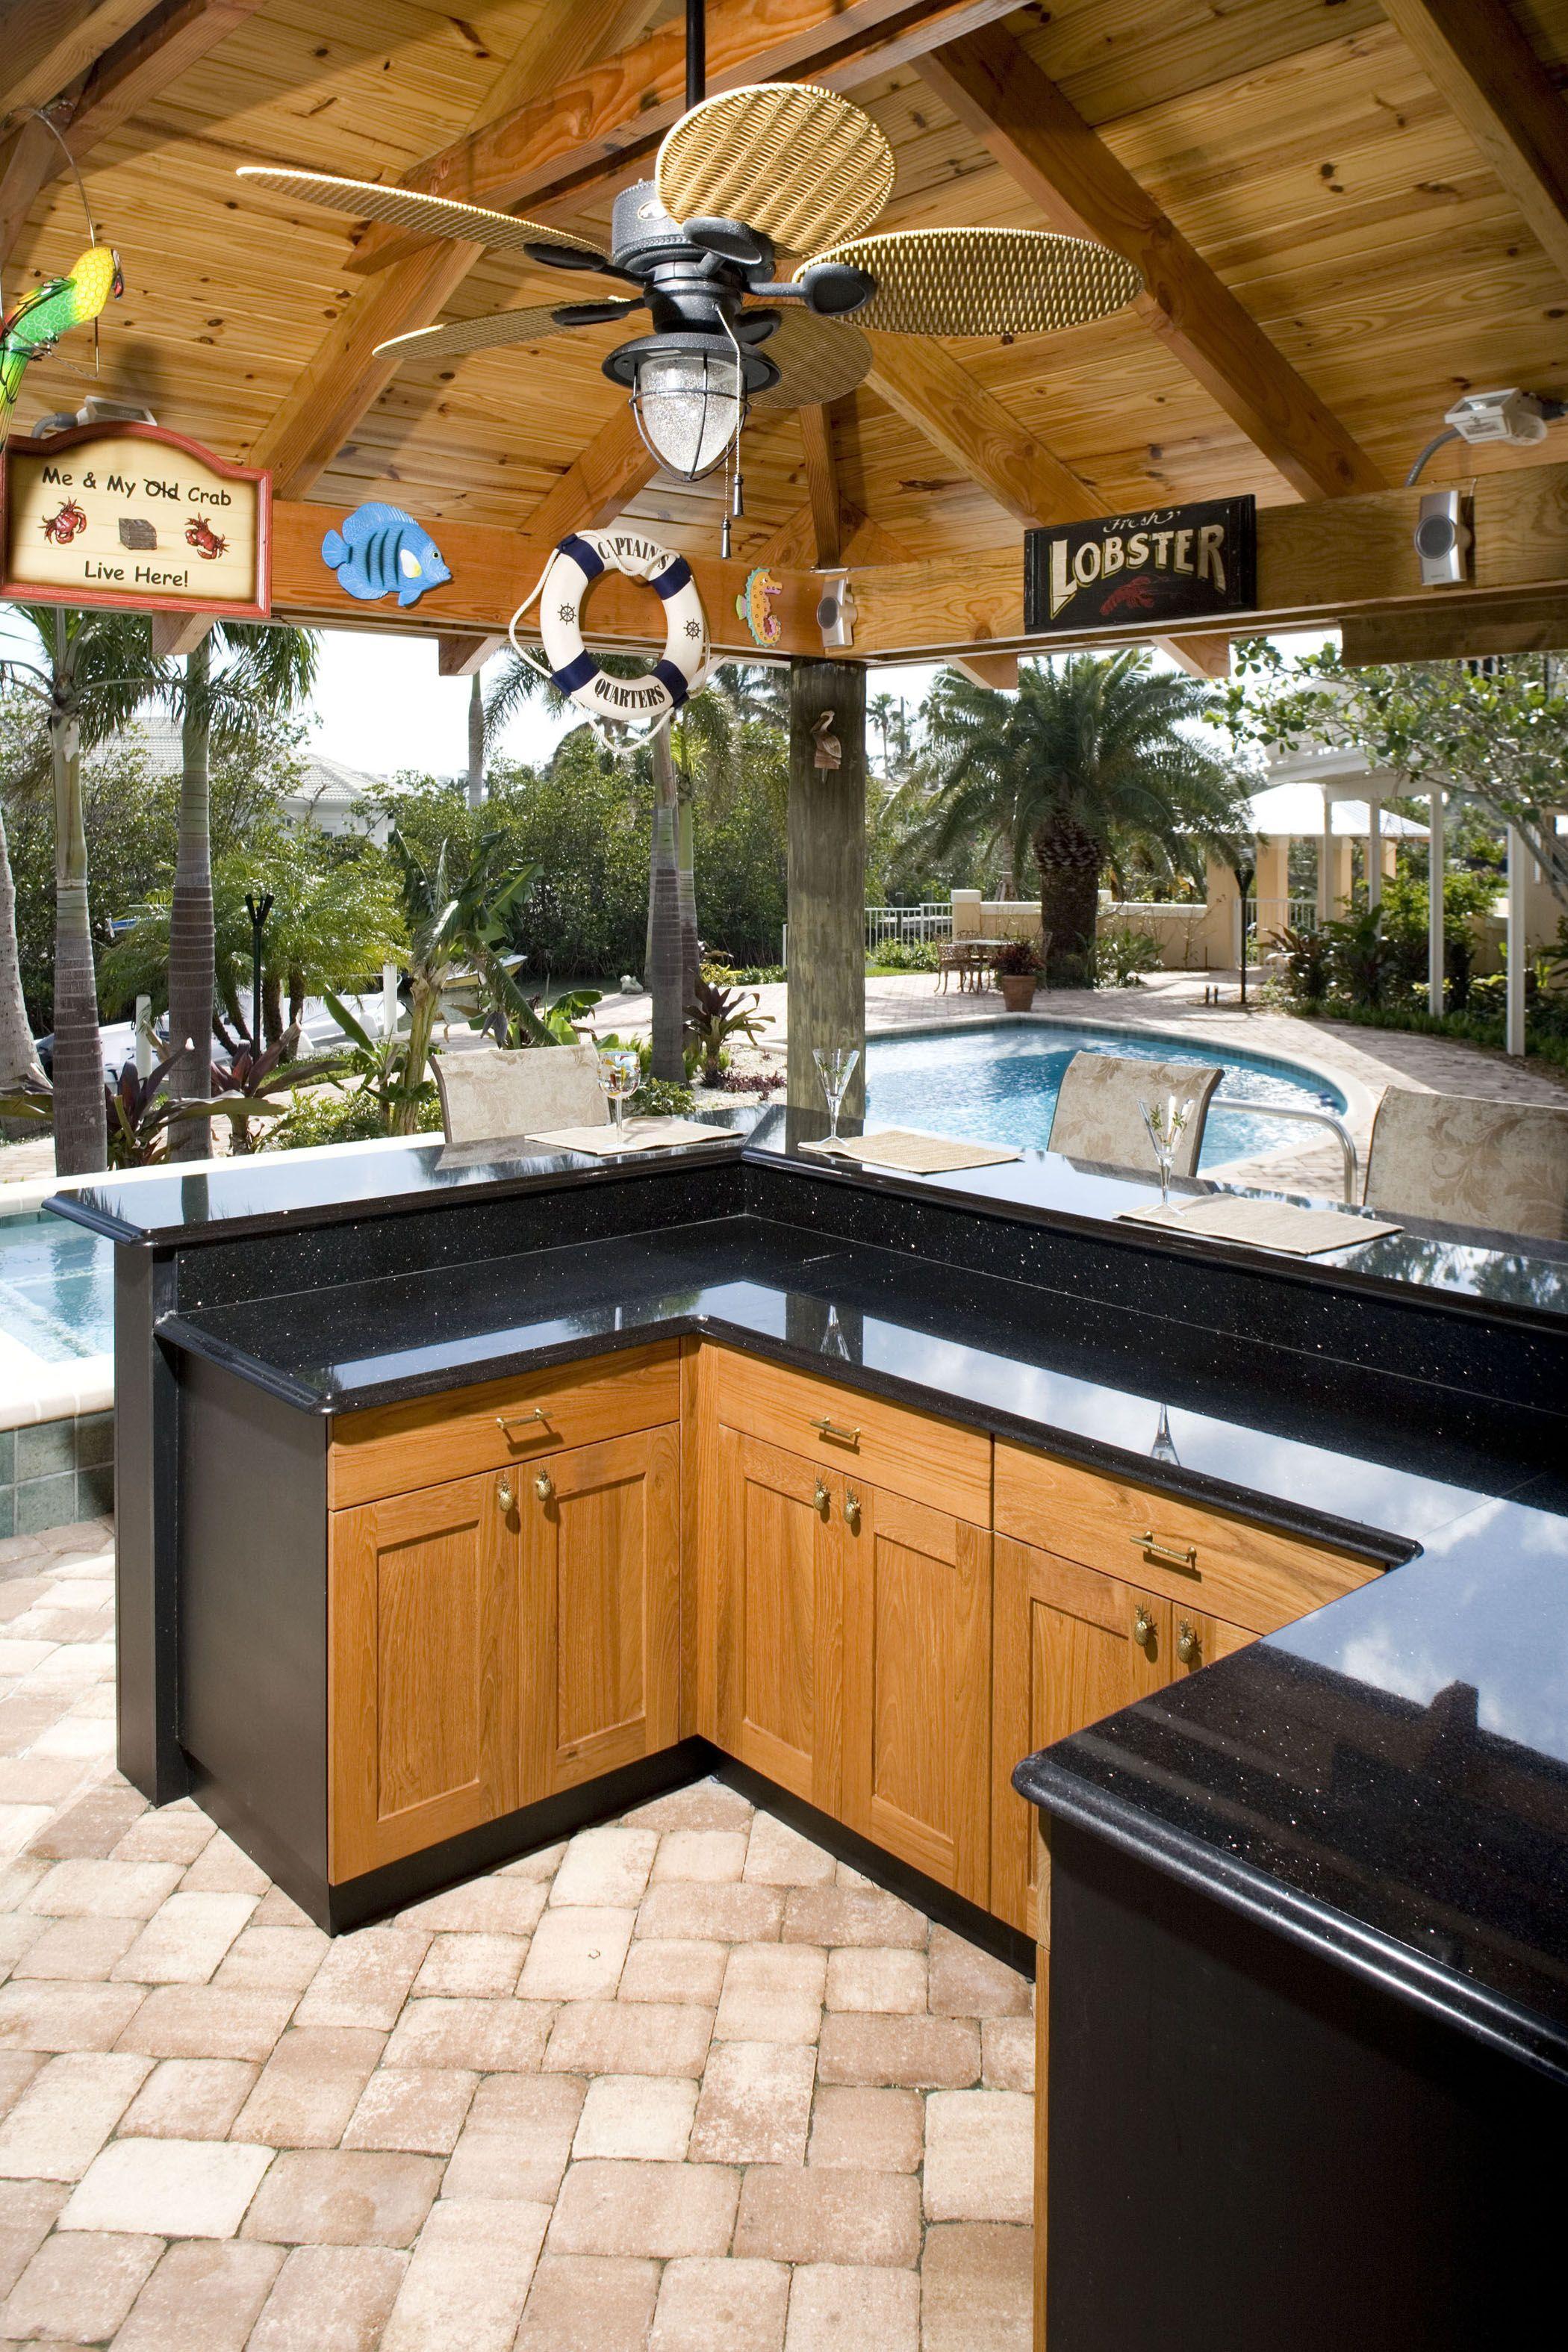 outdoor kitchen outdoor kitchen ideas pinterest on outdoor kitchen id=73991